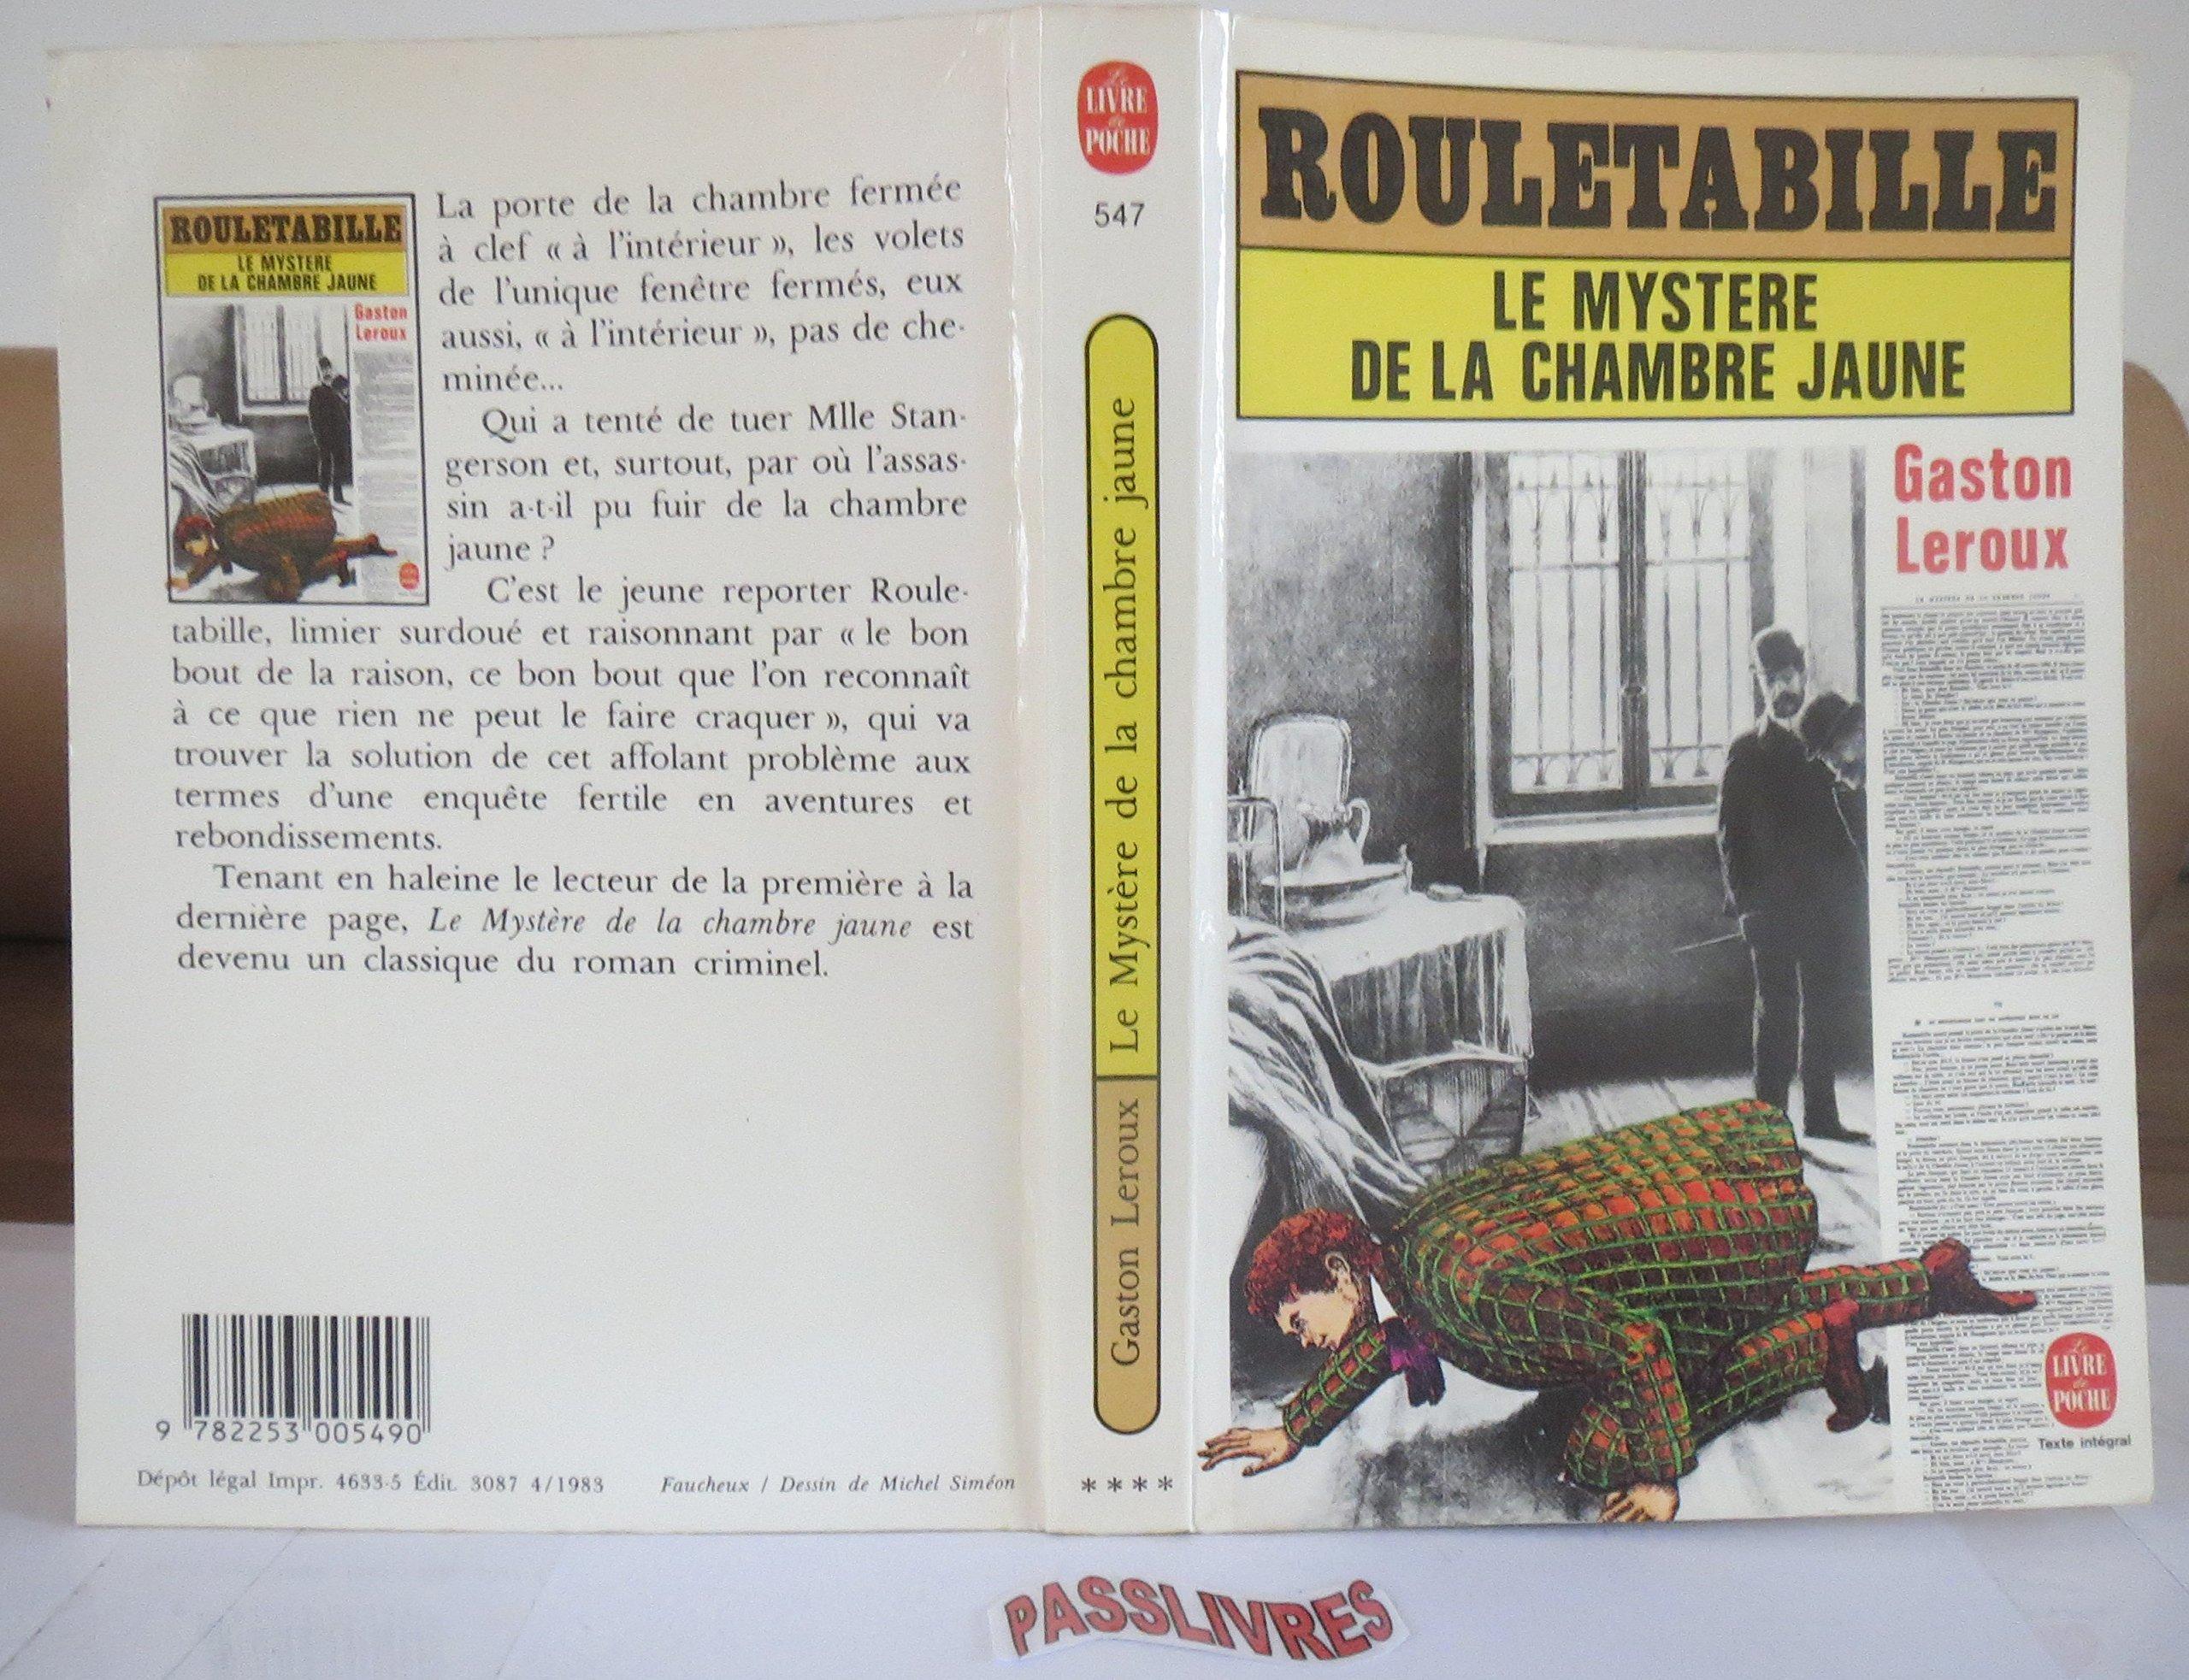 Le myst¨re de la chambre jaune Rouletabille Gaston Leroux